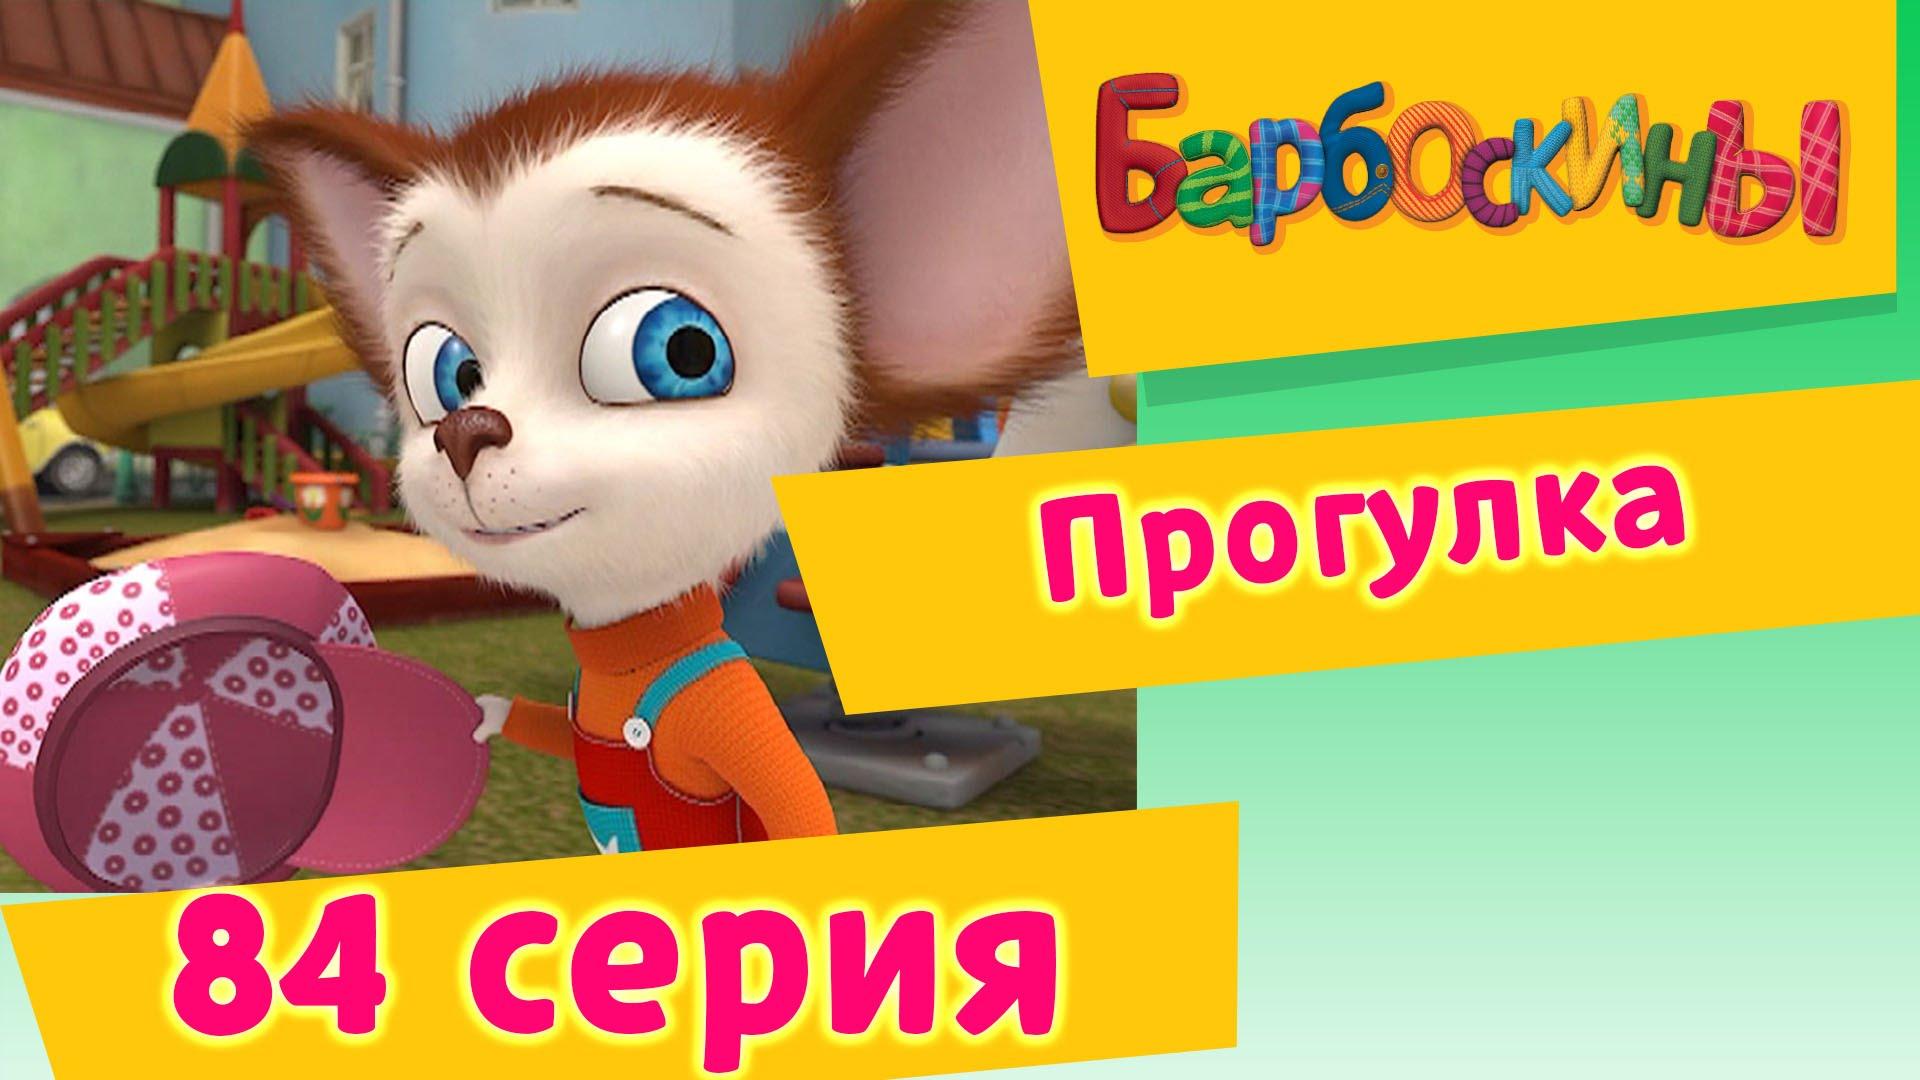 Барбоскины — 84 Серия. Прогулка